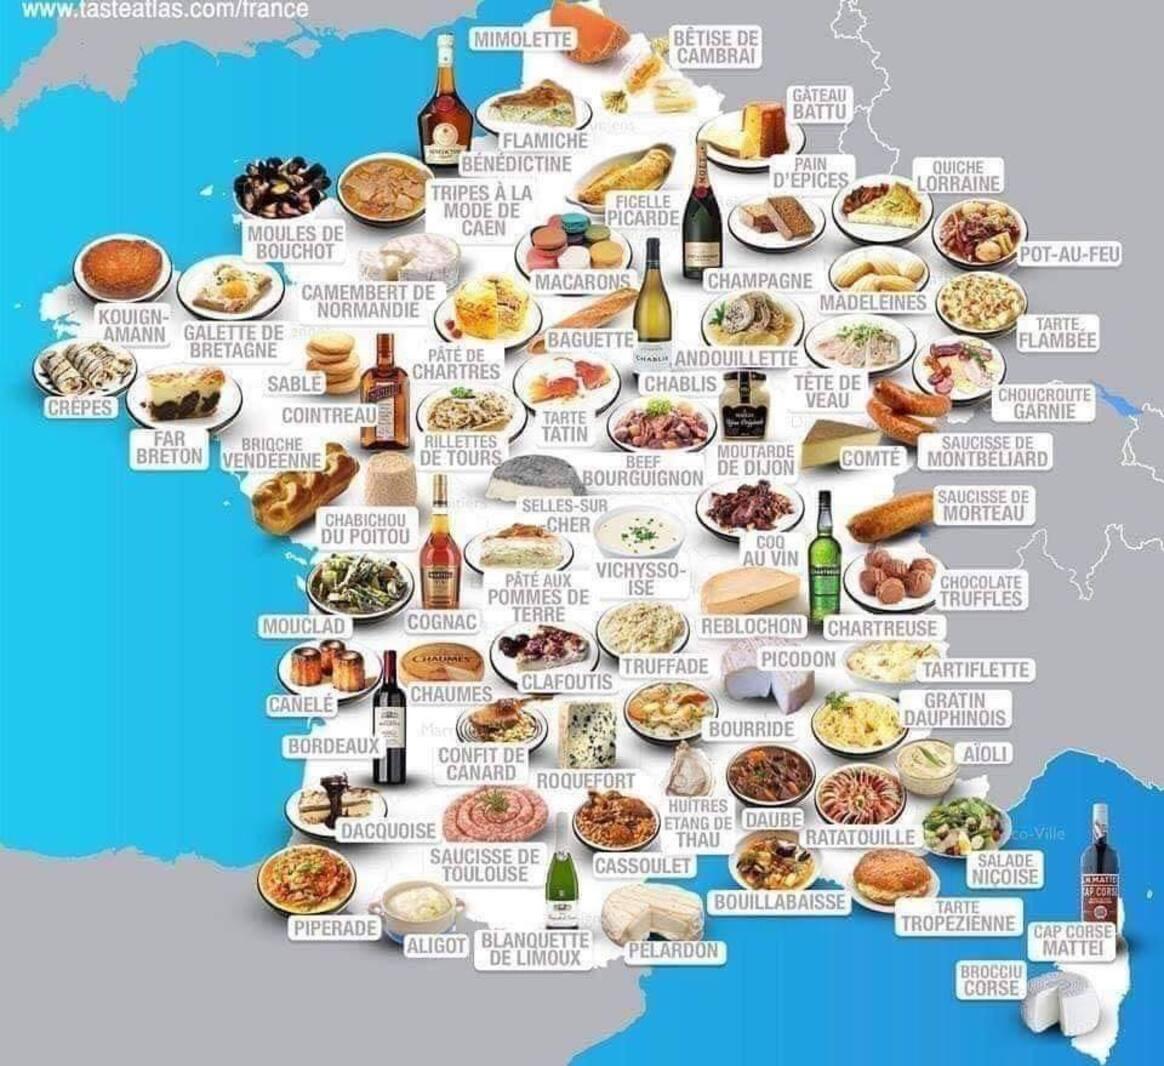 Et chez vous, on mange quoi ?